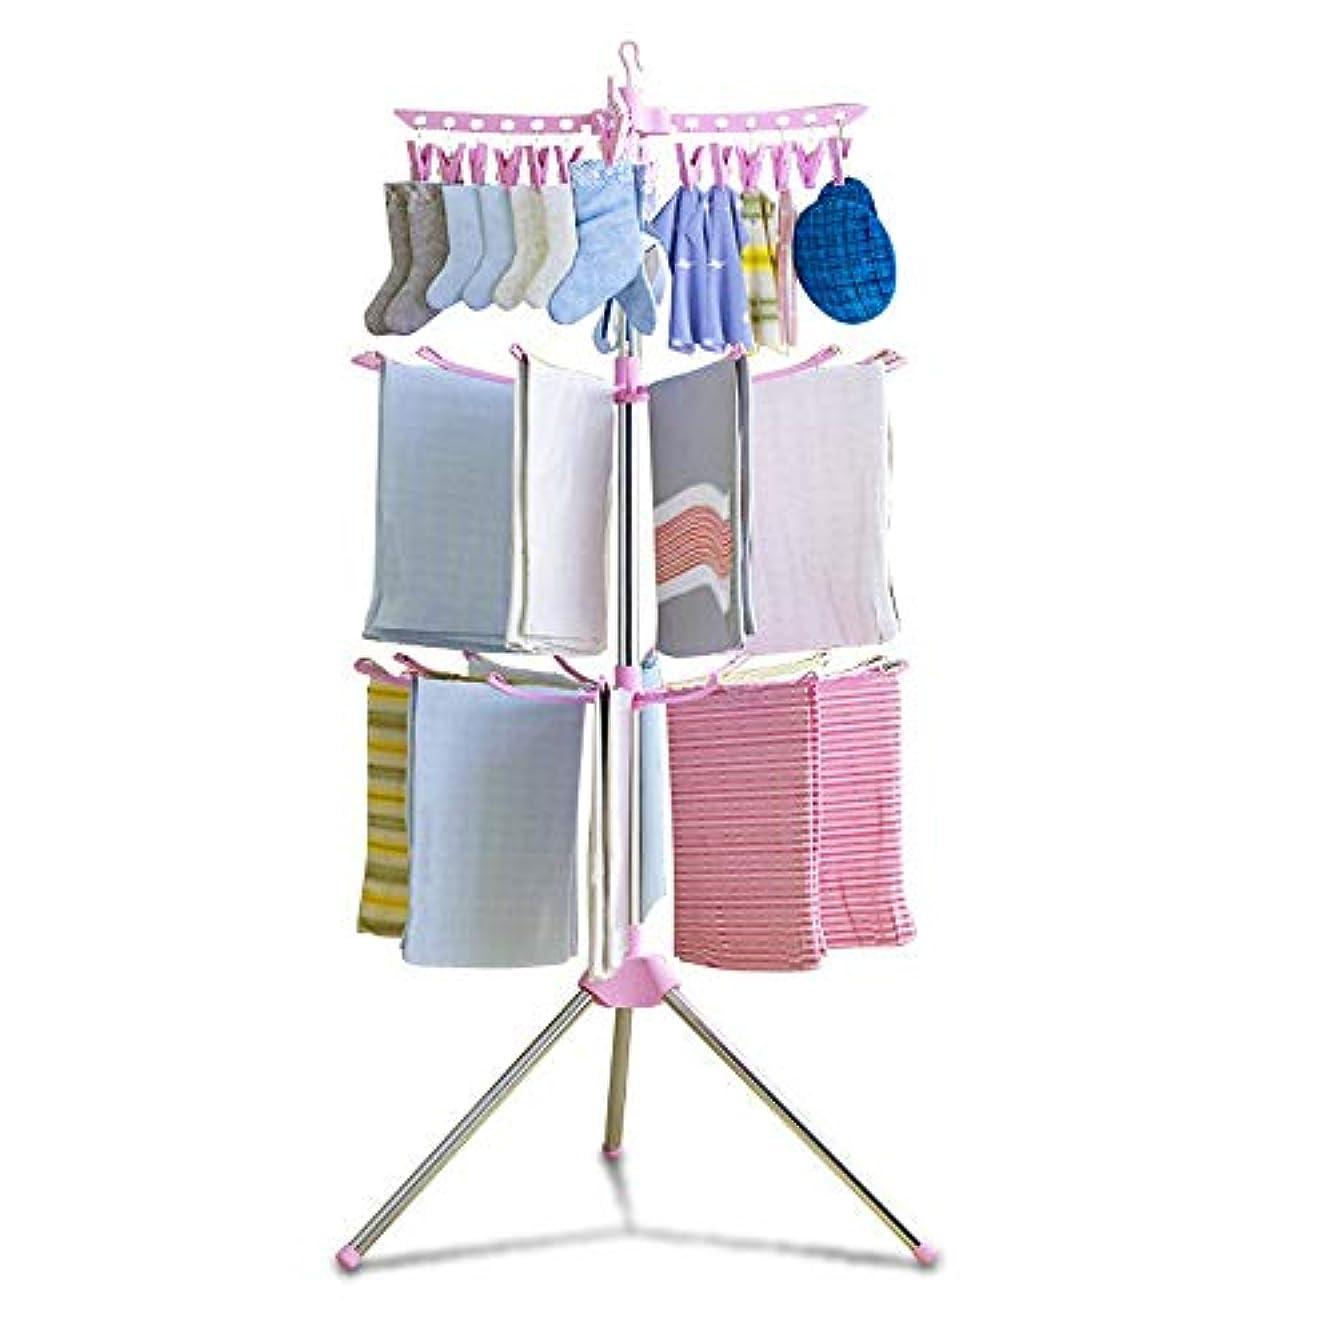 承認延ばす言い訳金属製折りたたみ式乾燥ラック、ポータブル3層式衣服乾燥用ラックは56個の衣服、折りたたみ式、ステンレススチール、丈夫な3本の脚を収納